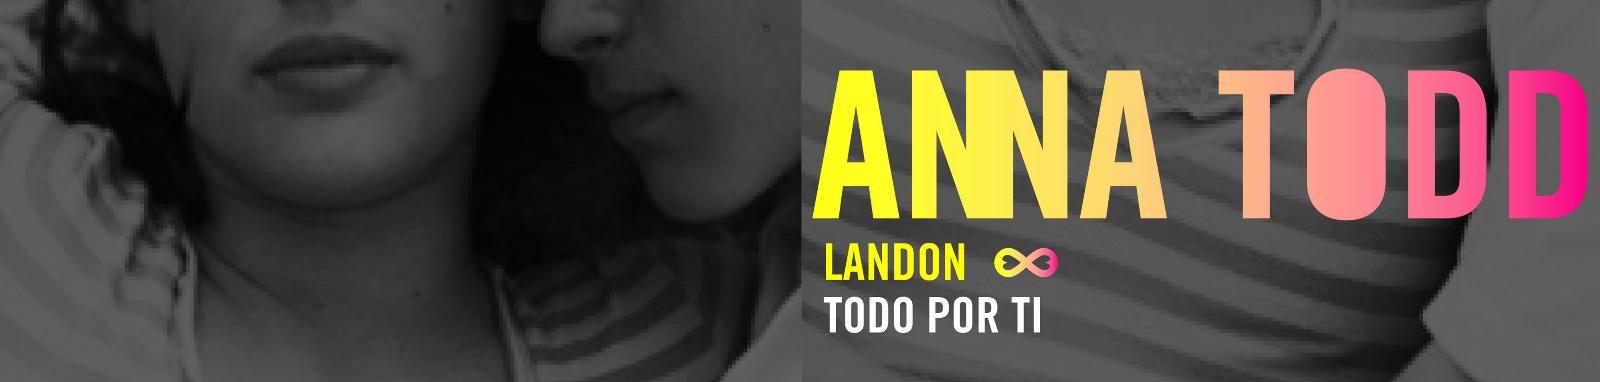 http://elrincondealexiaandbooks.blogspot.com.es/2016/09/resena-16-landon-todo-por-ti-de-anna.html